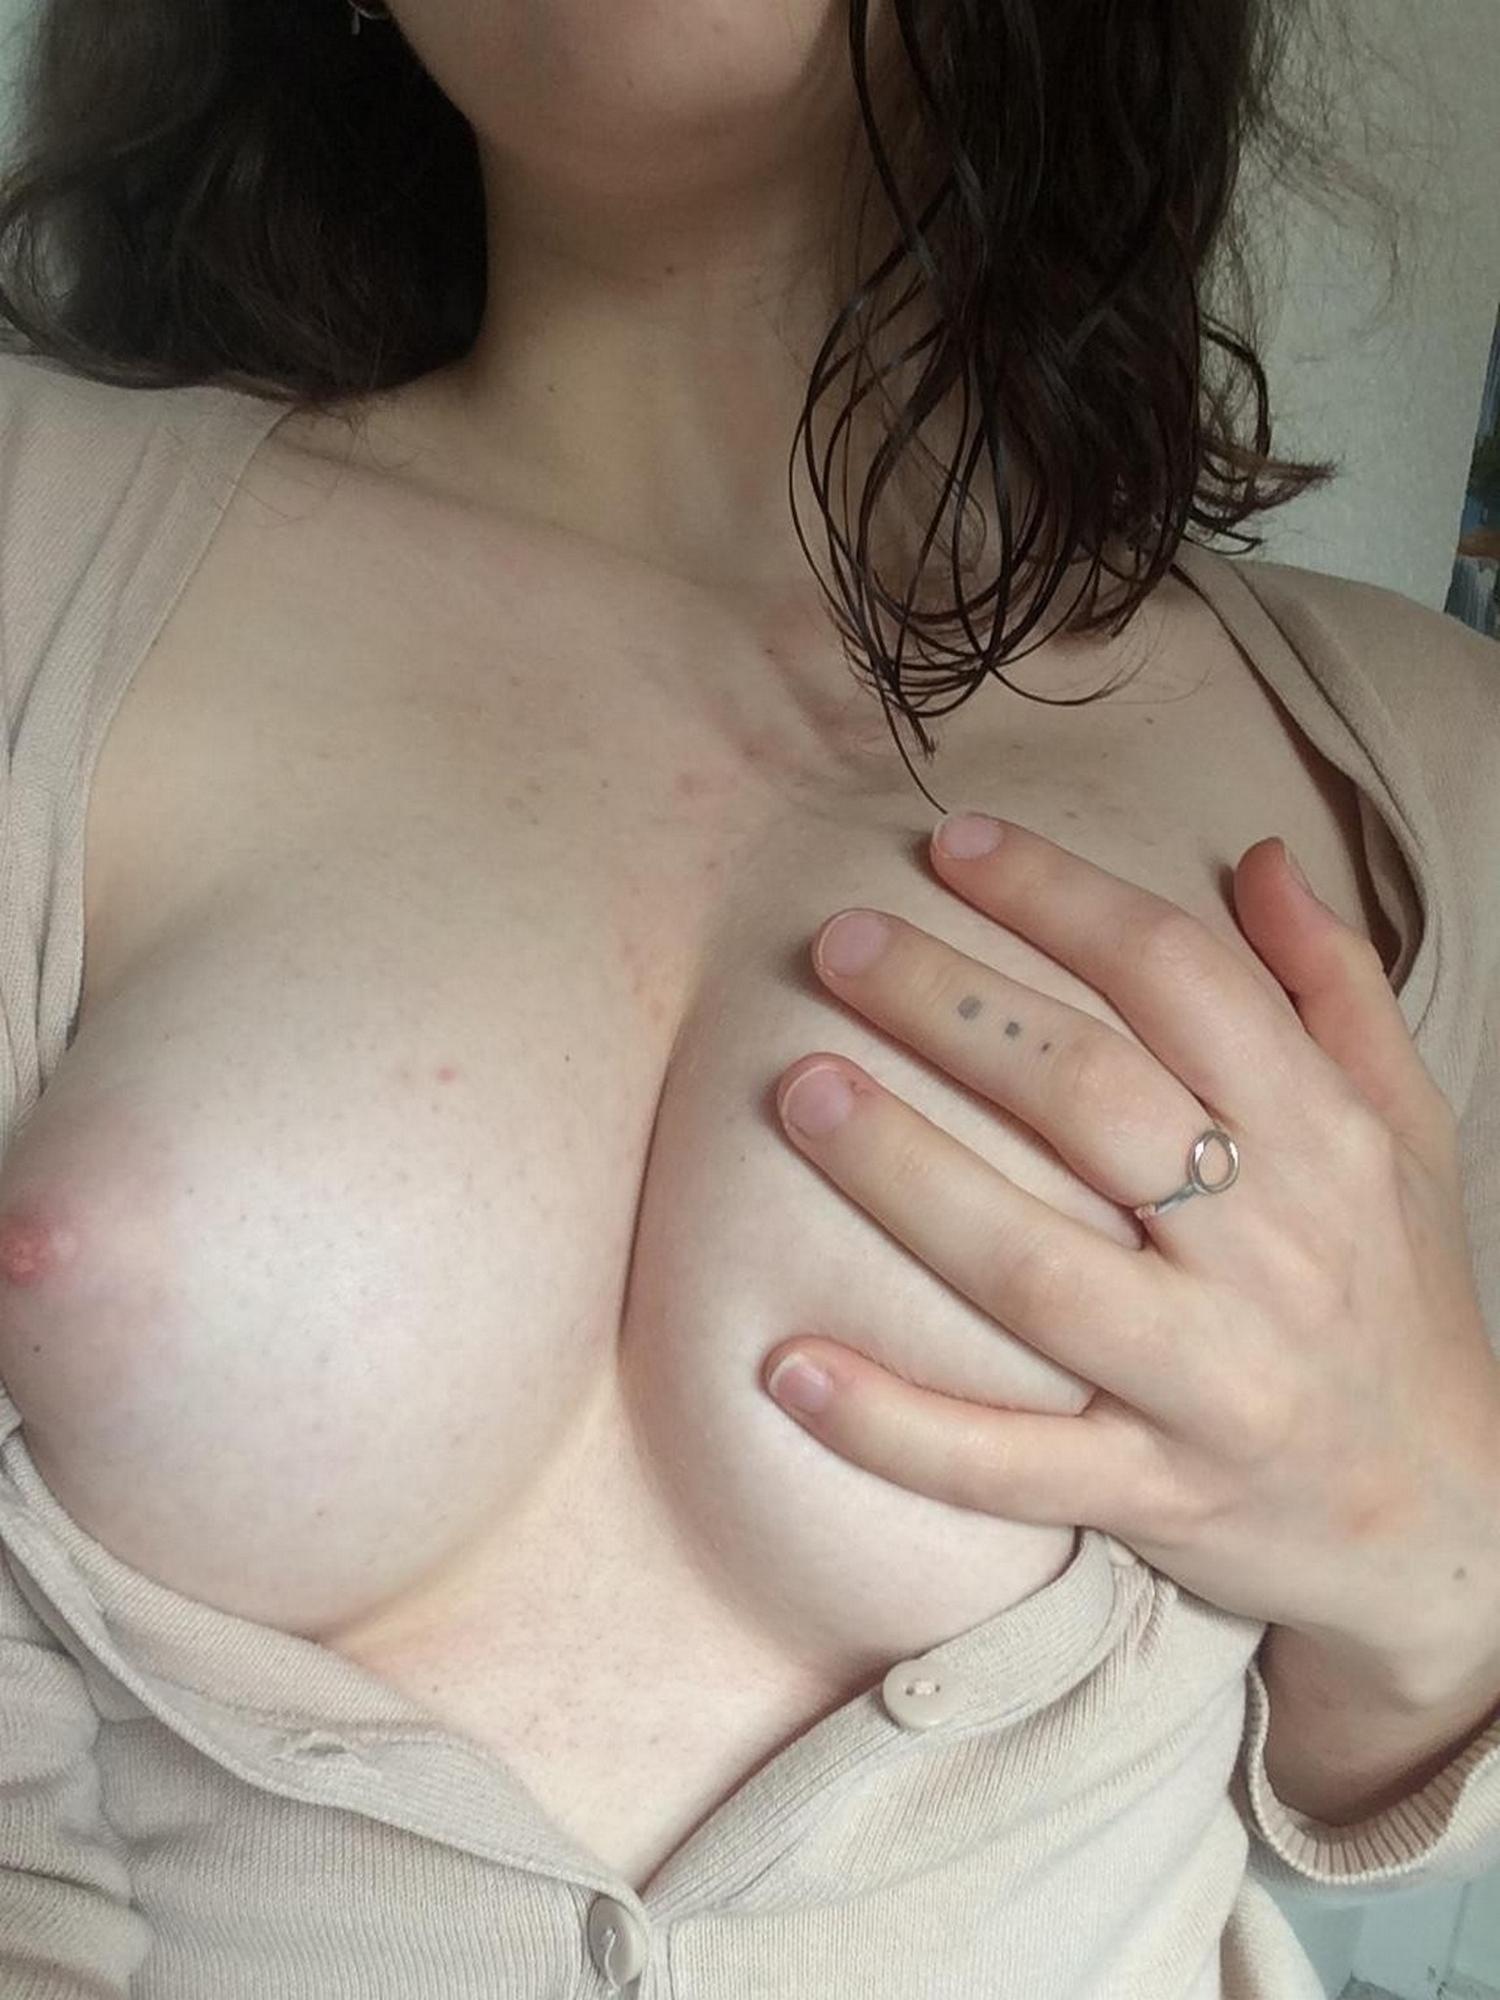 Телка с узким очком трахает вагину черным дилдо